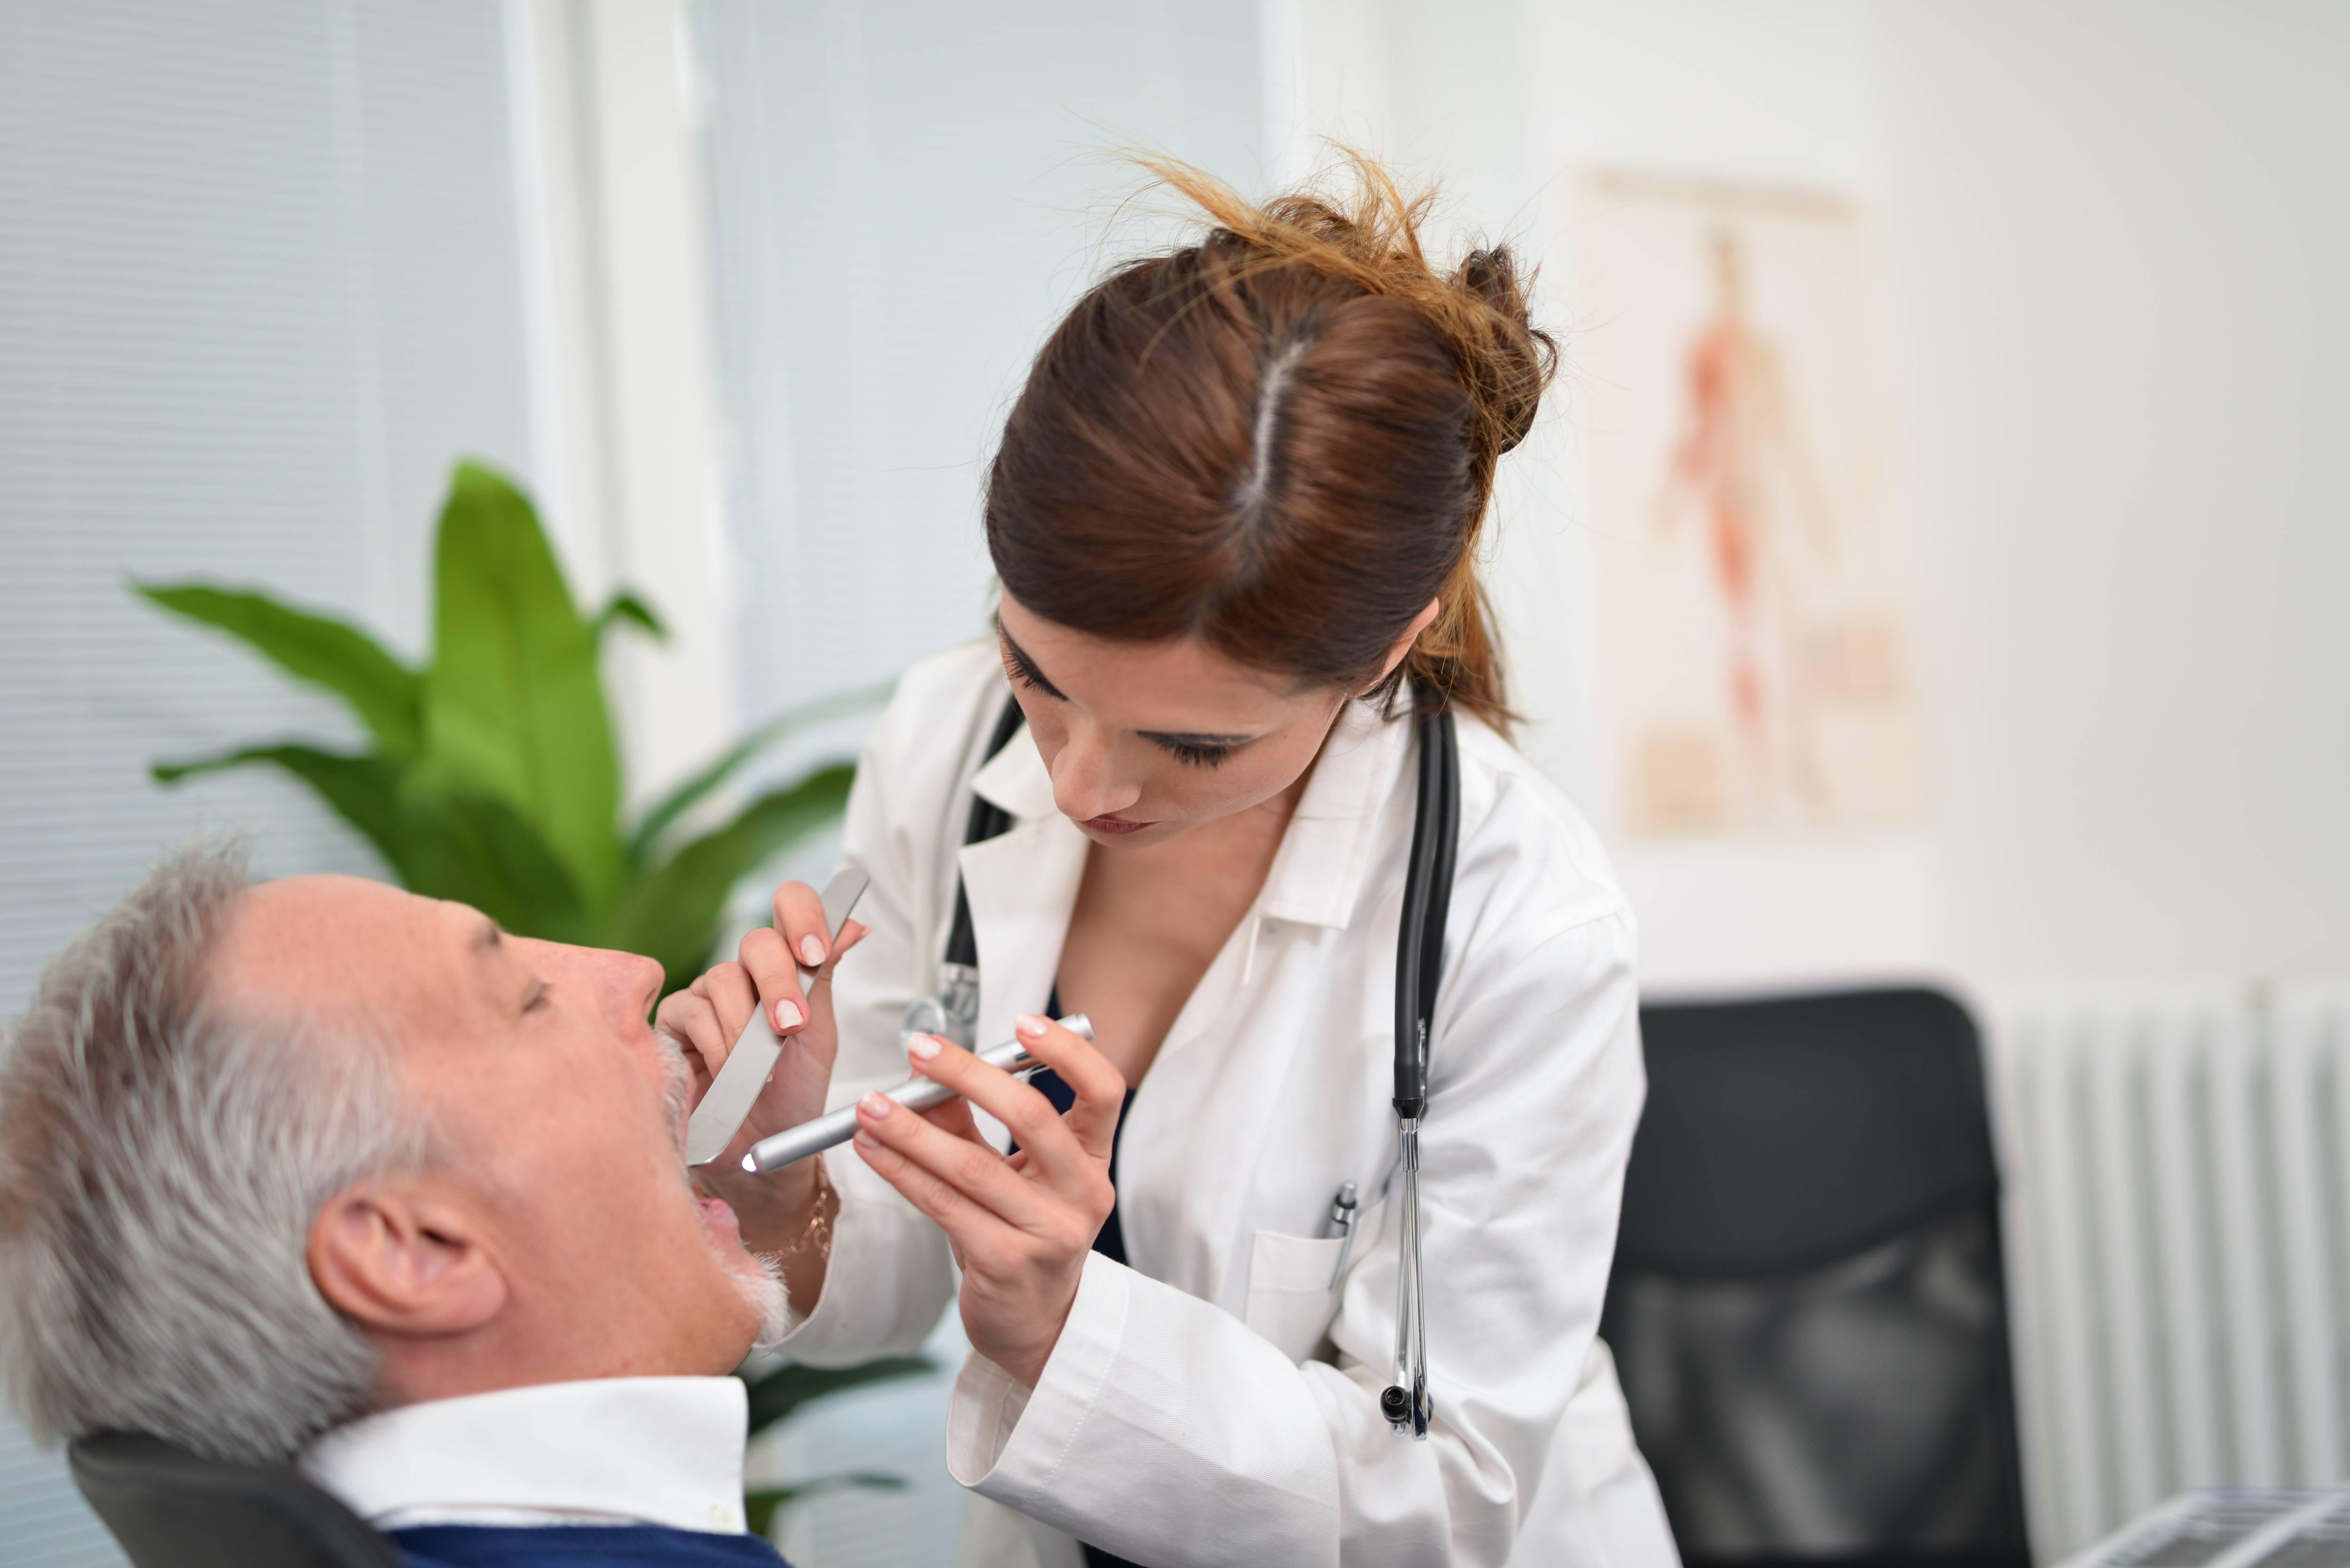 Воспаление носоглотки: причины, симптомы. лечение воспаления носоглотки